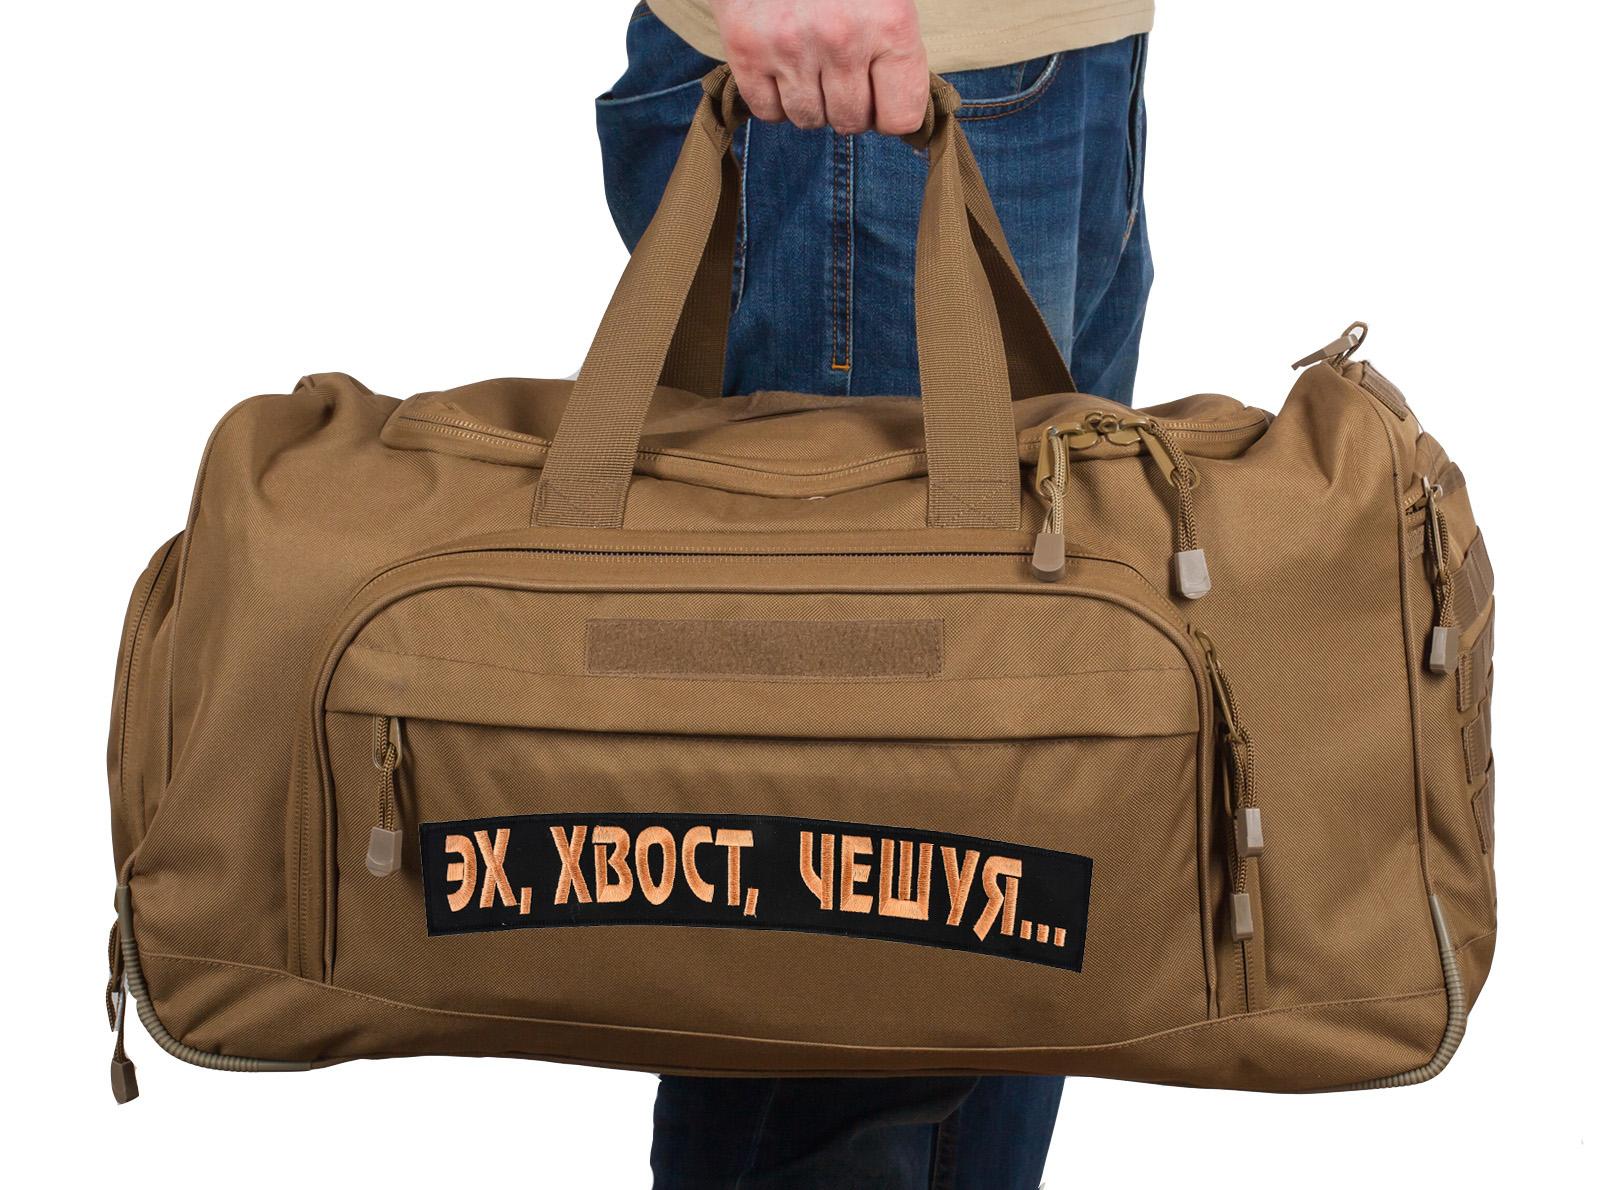 Купить тактическую вместительную сумку 08032B Coyote с нашивкой Эх, хвост, чешуя оптом онлайн